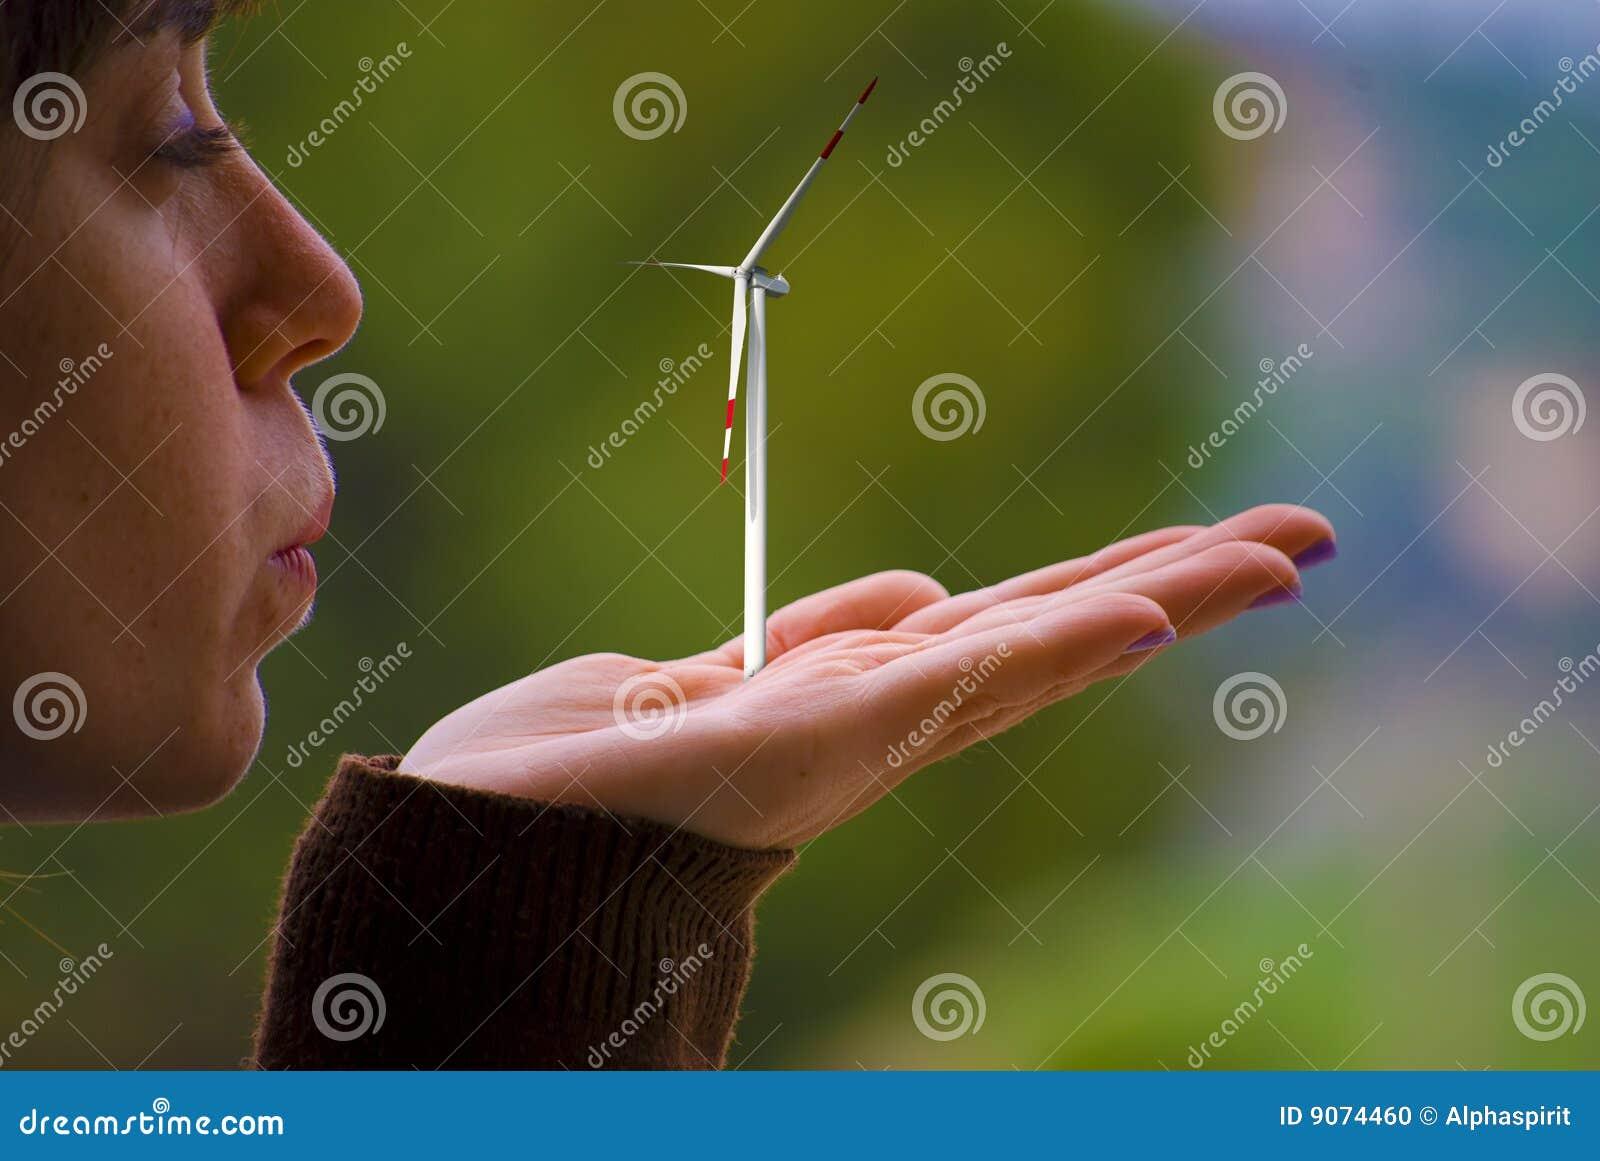 Concepto de la energía limpia